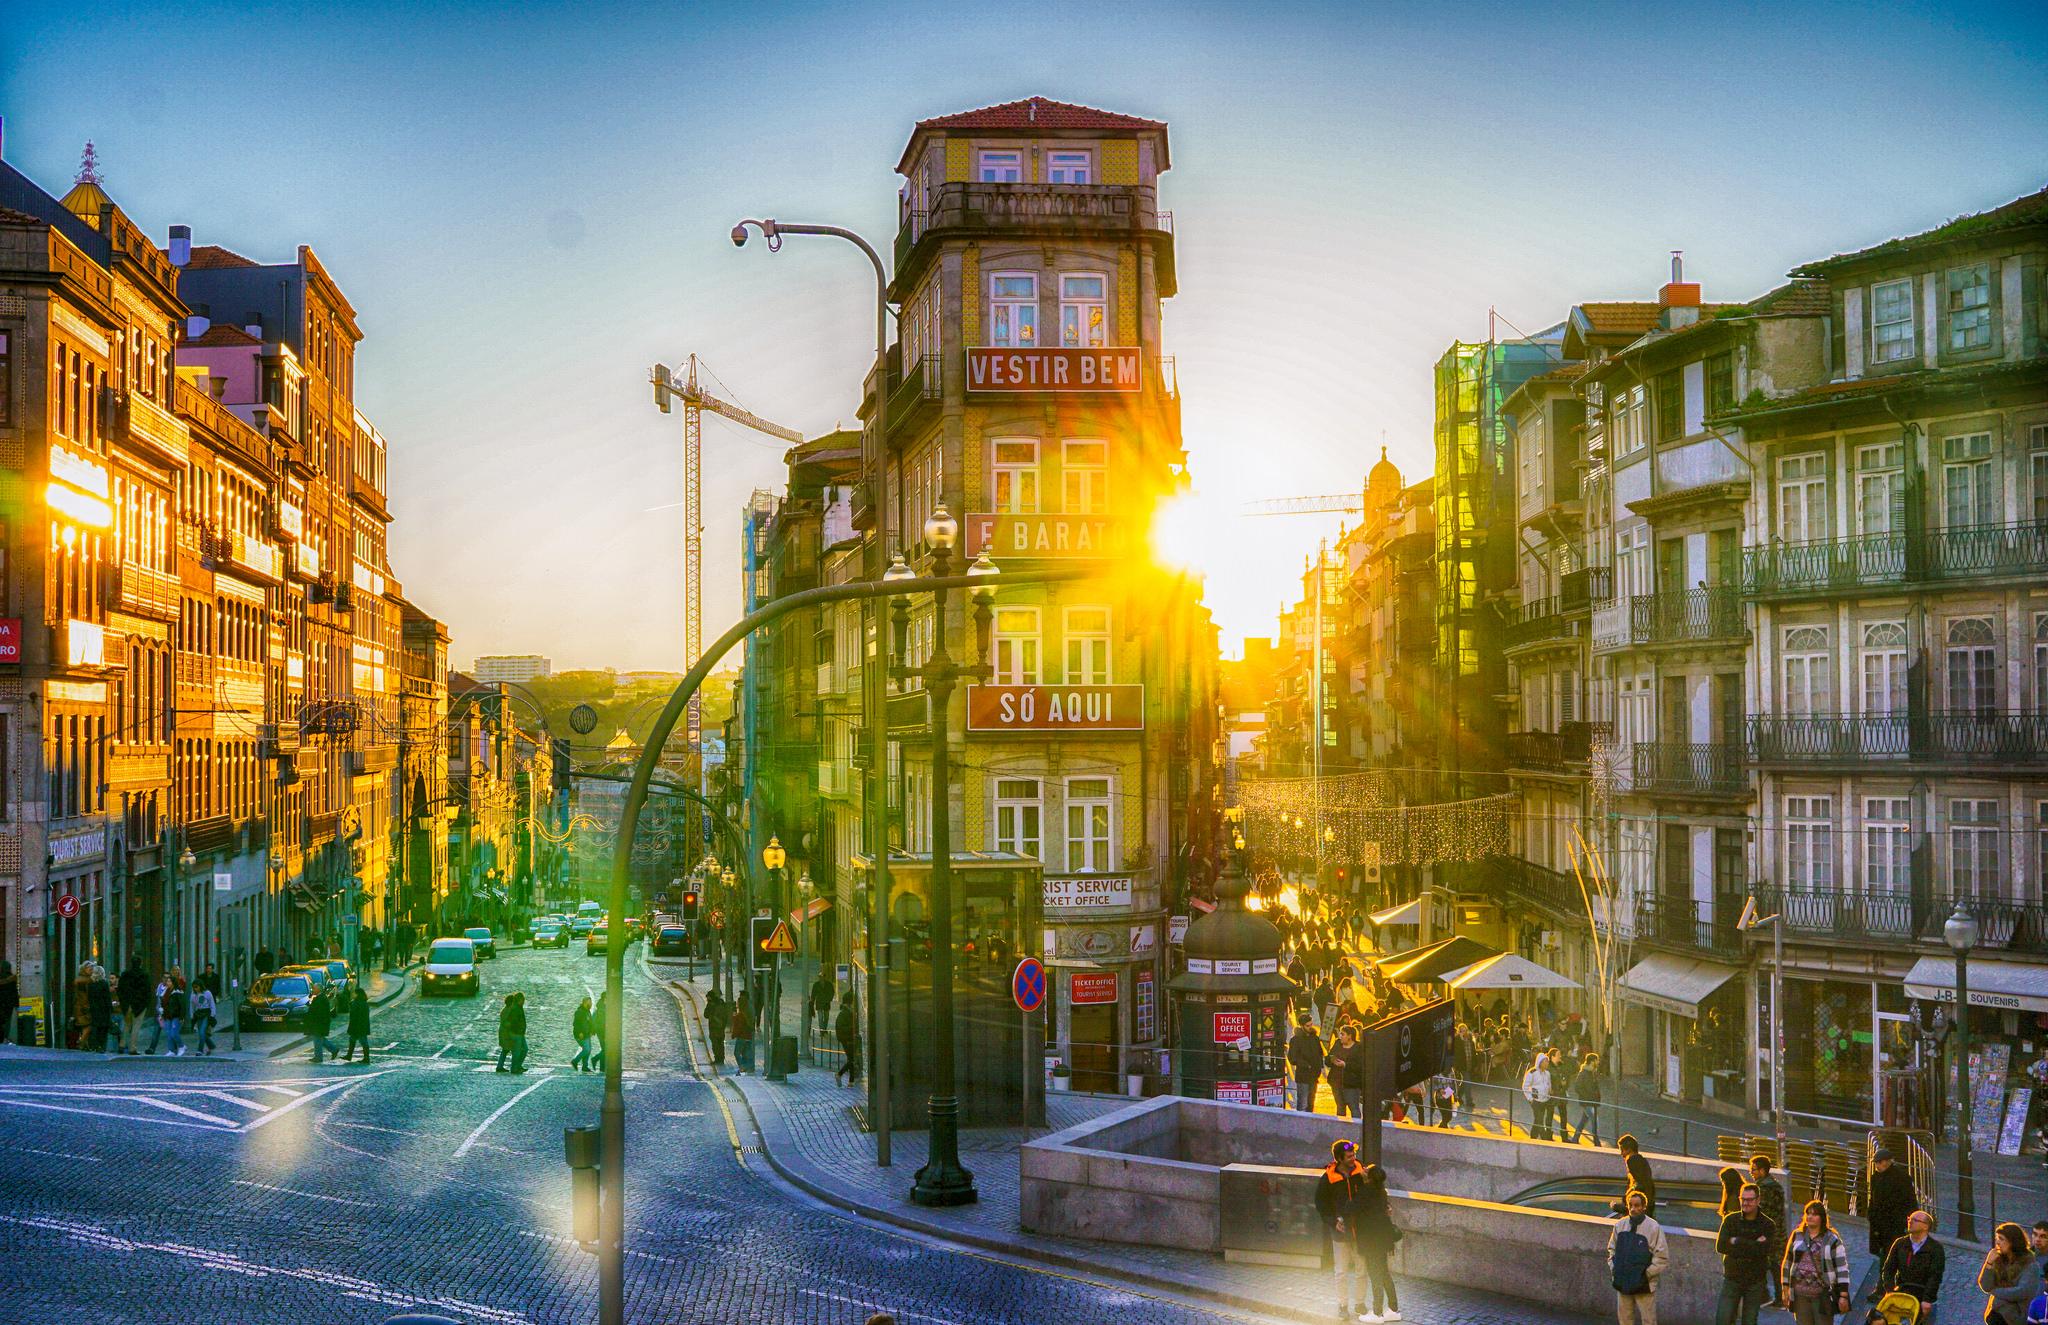 Le cumul de toutes ces taxes sur l'achat immobilier cru Portugal peut parfois faire grimper radicalement la note finale.